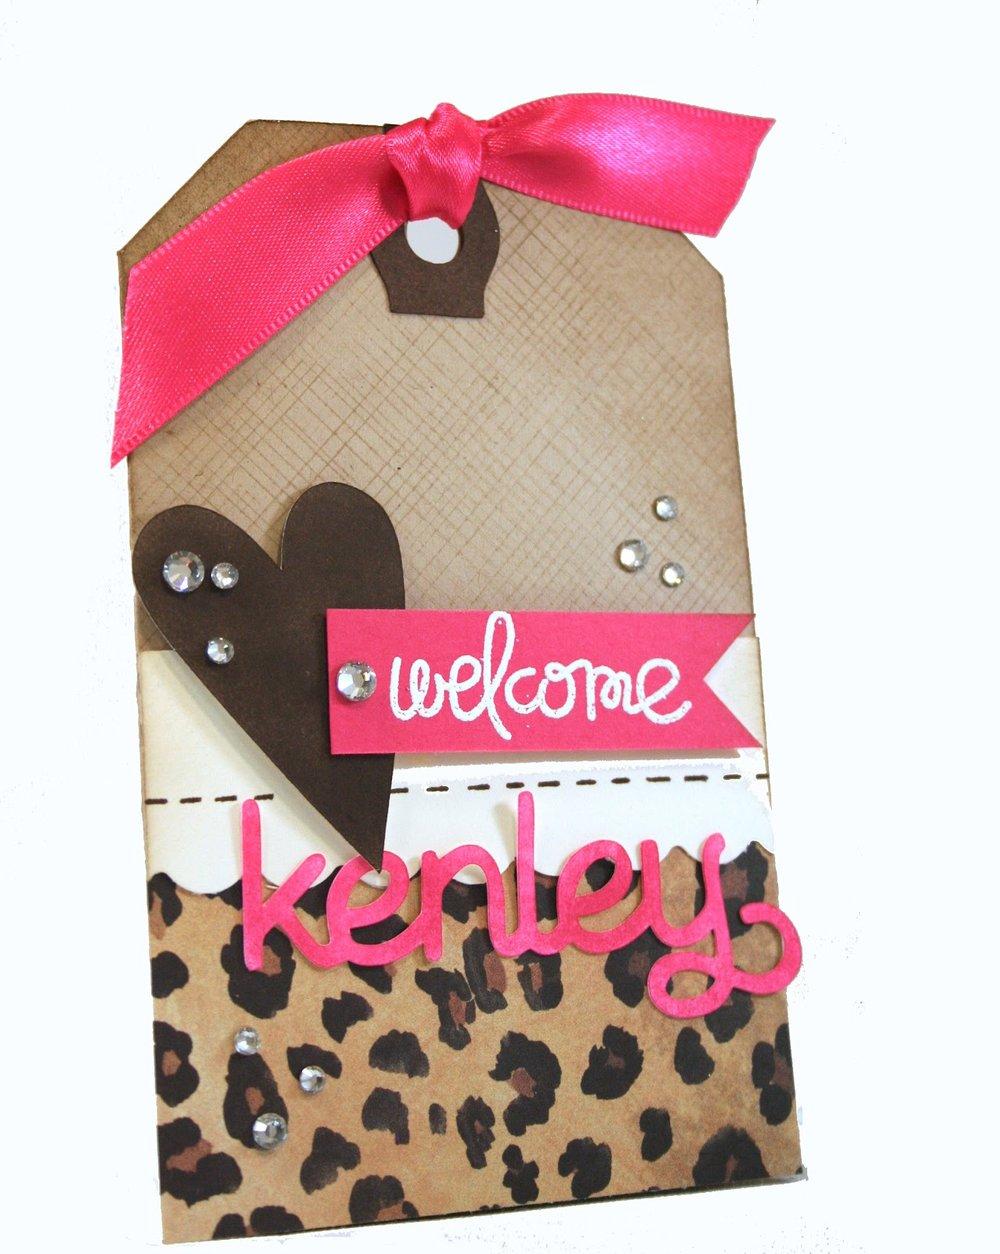 Welcome Kenley  014edit.jpg